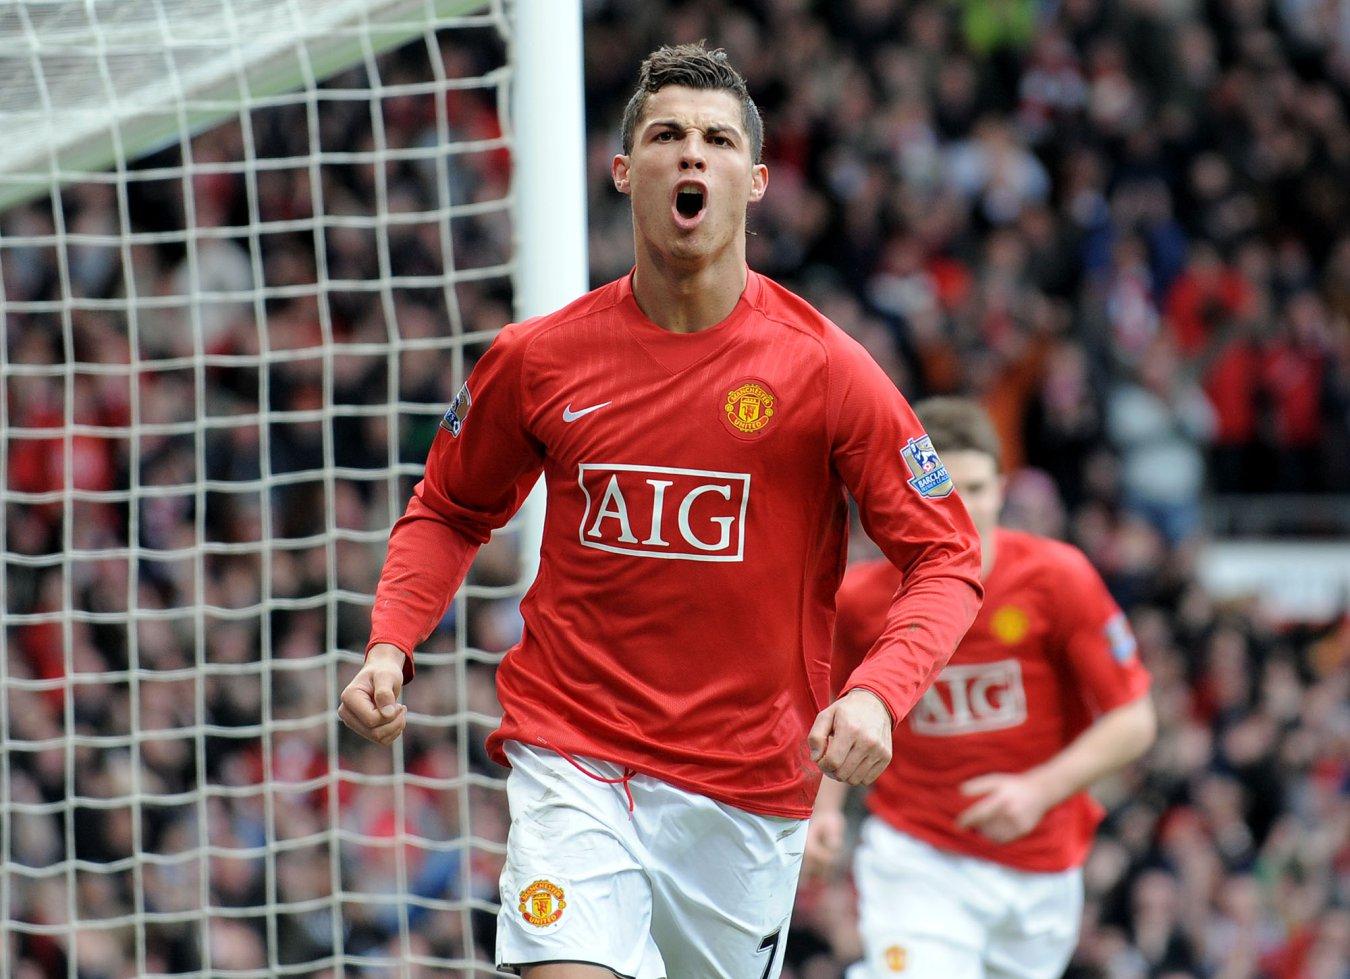 Goleadores en Europa. Cristiano Ronaldo